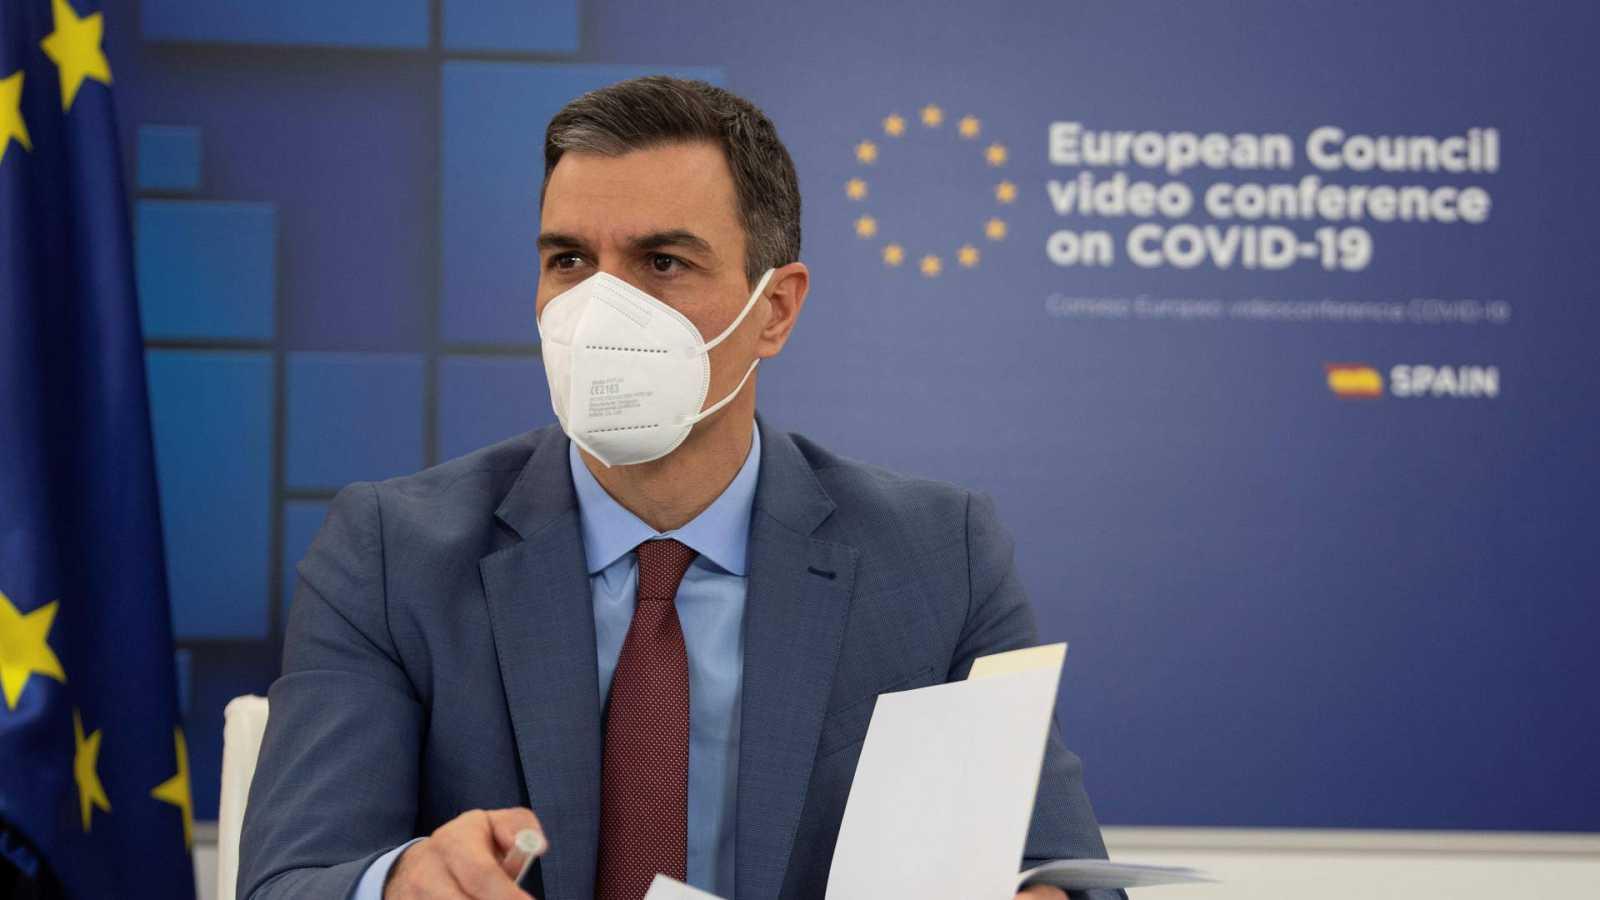 """Sánchez respalda el 'certificado de vacunación' en la UE para """"recuperar el turismo sin aumentar el riesgo sanitario"""""""